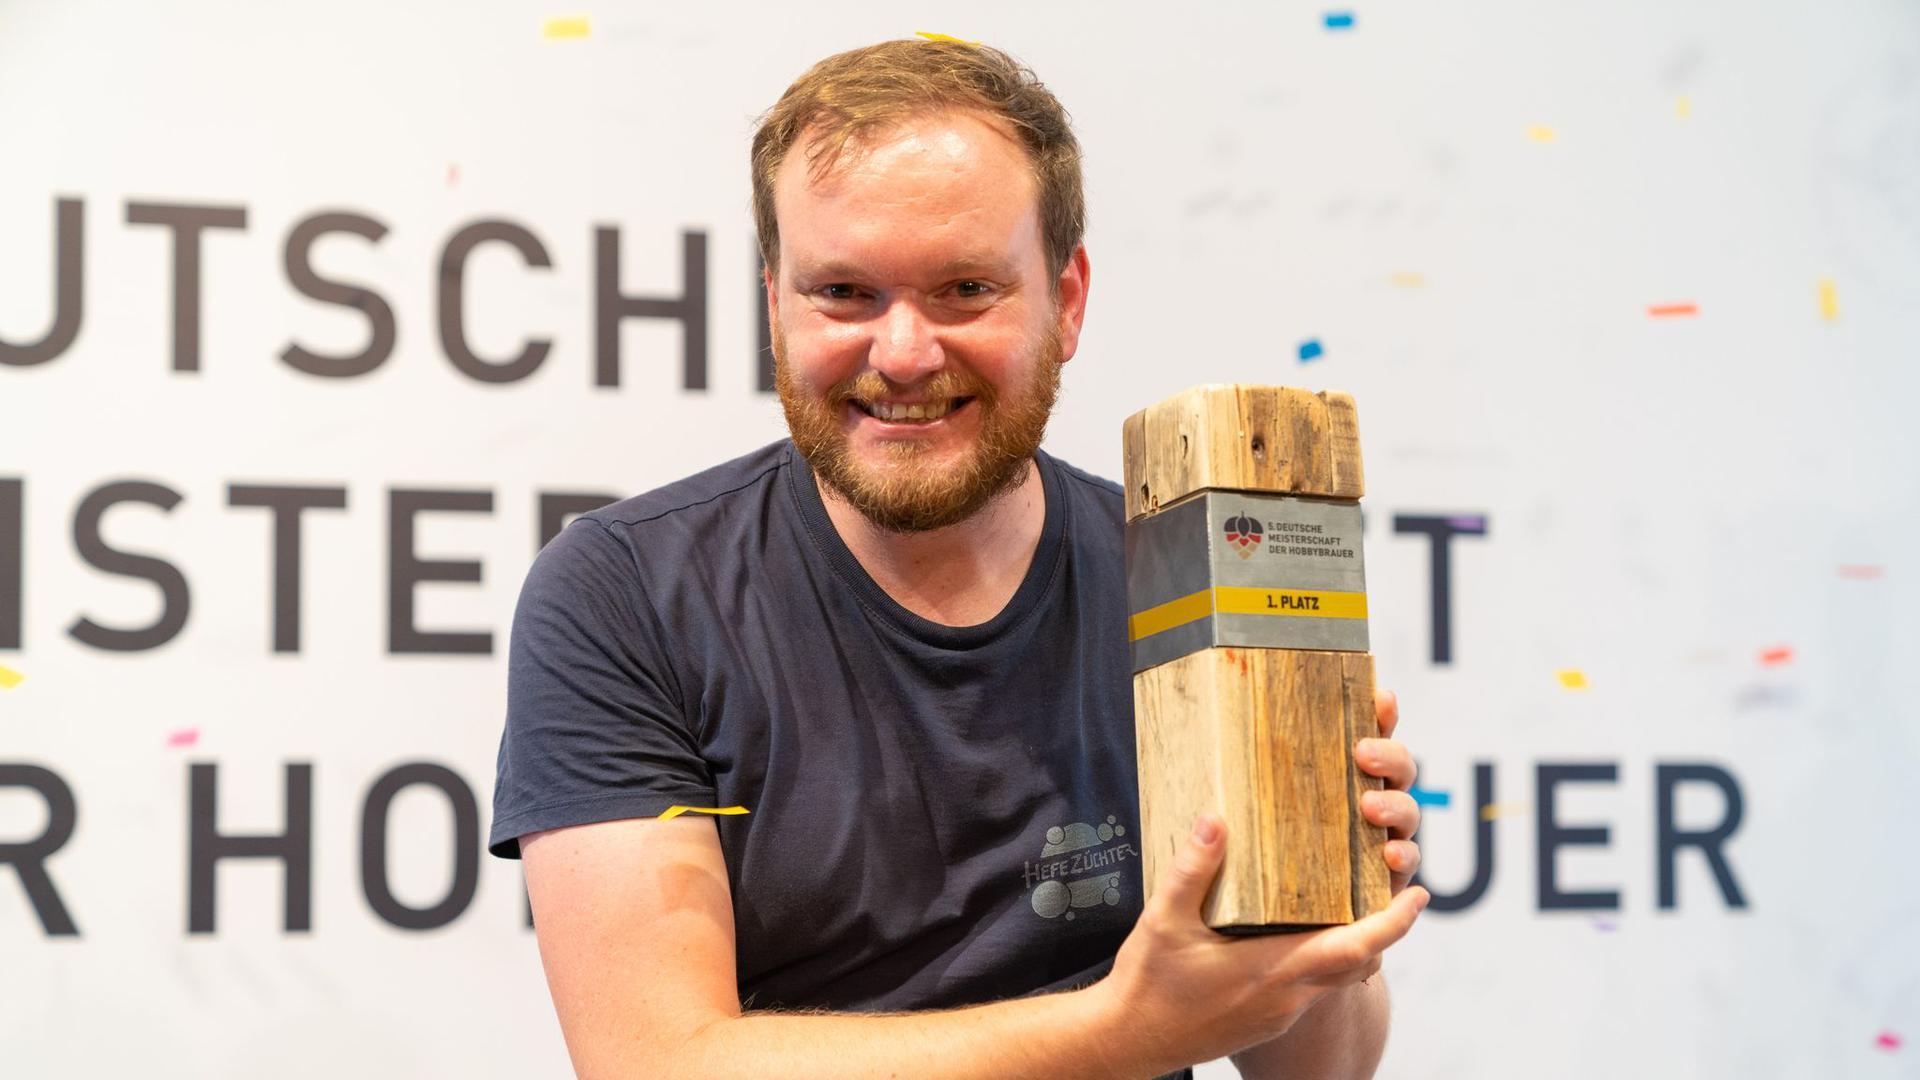 Der Aachener Nils Lichtenberg (38) ist neuer Deutscher Meister der Hobbybrauer und freut sich darüber.